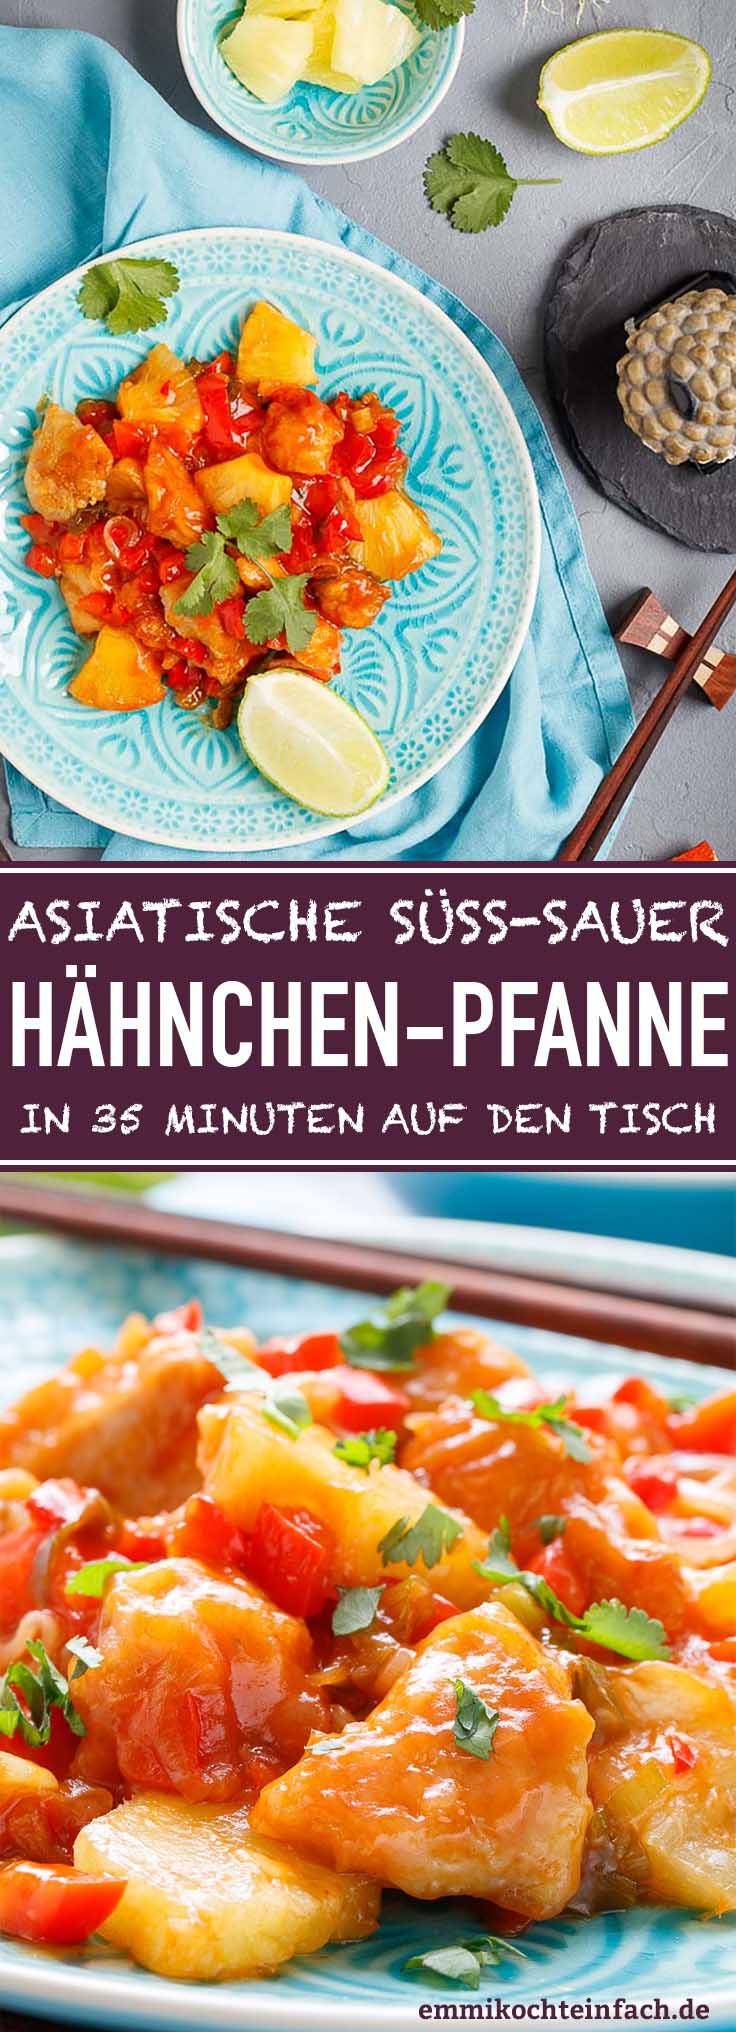 Hähnchenpfanne süss sauer - www.emmikochteinfach.de